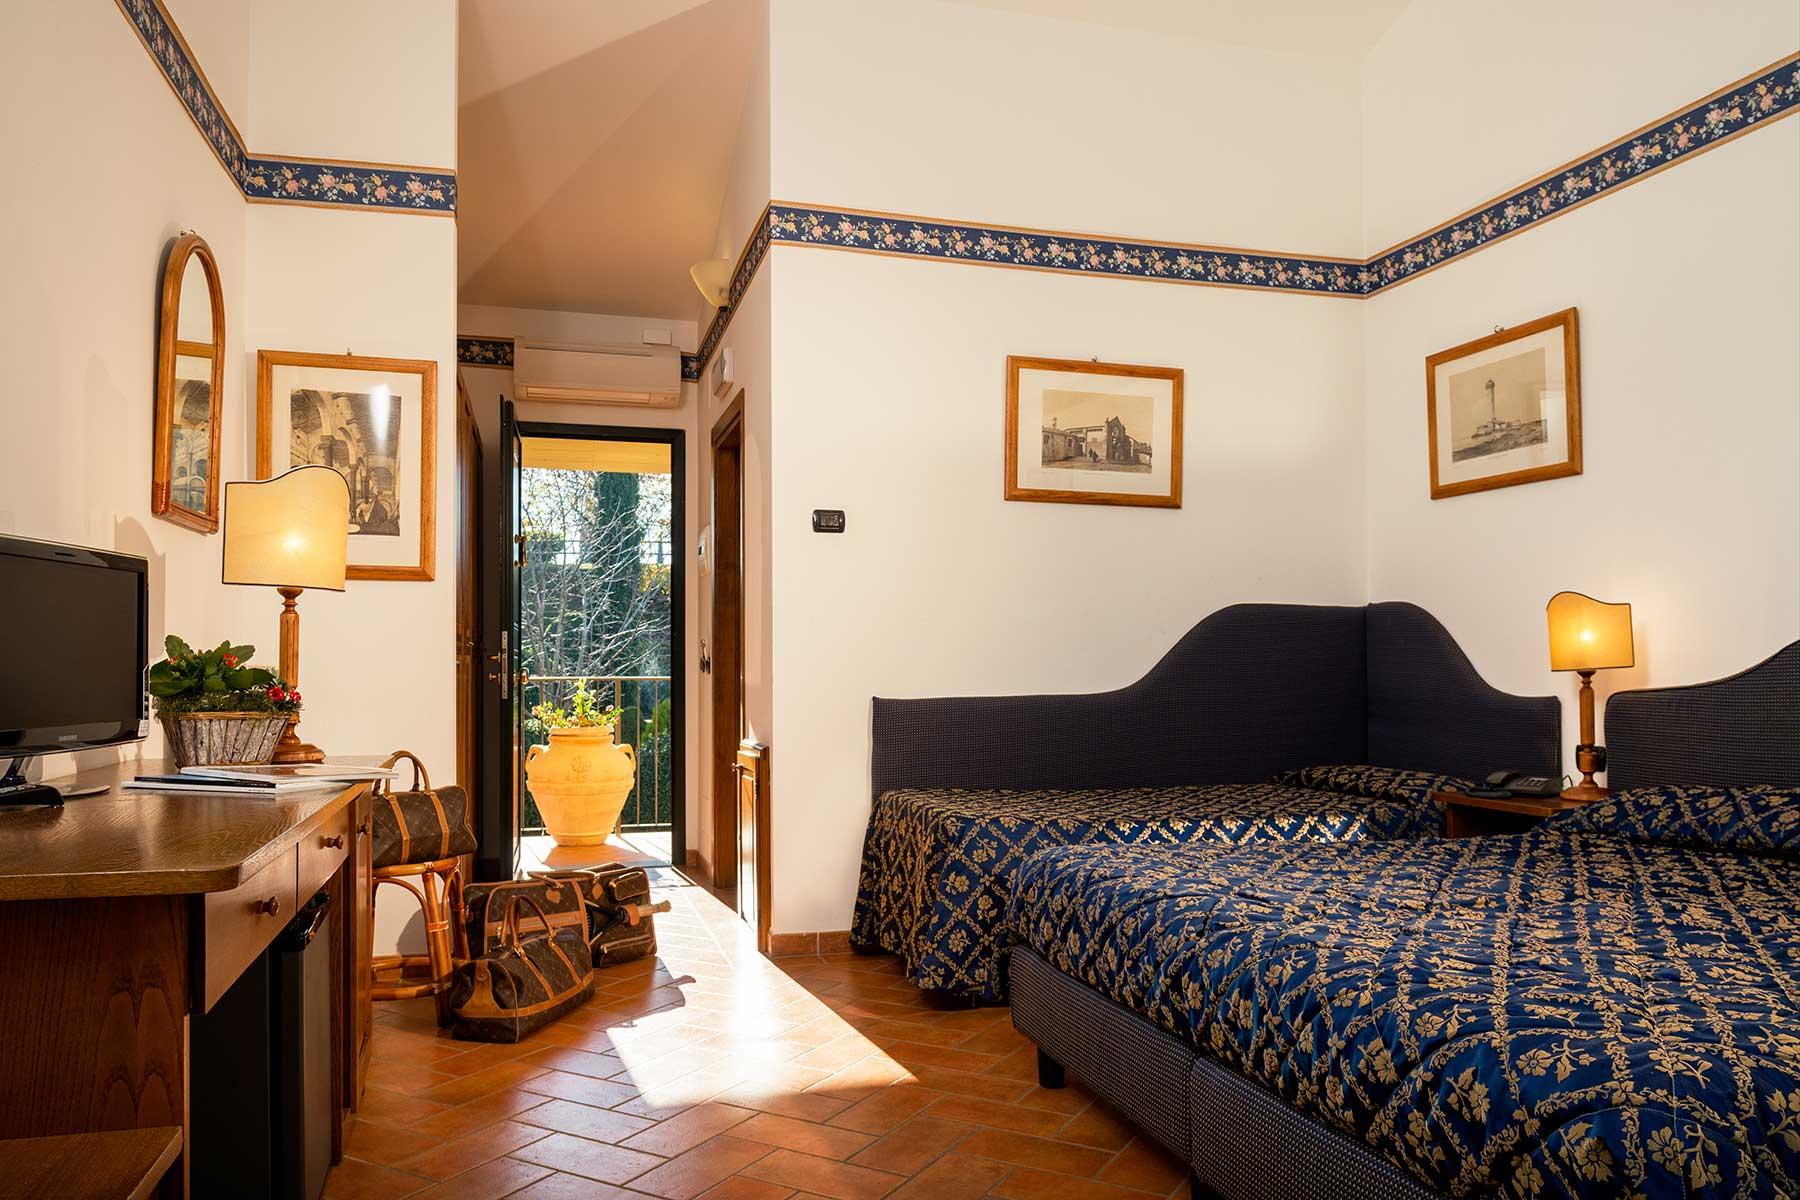 Fattoria degli Usignoli • Country Hotel, Tuscany